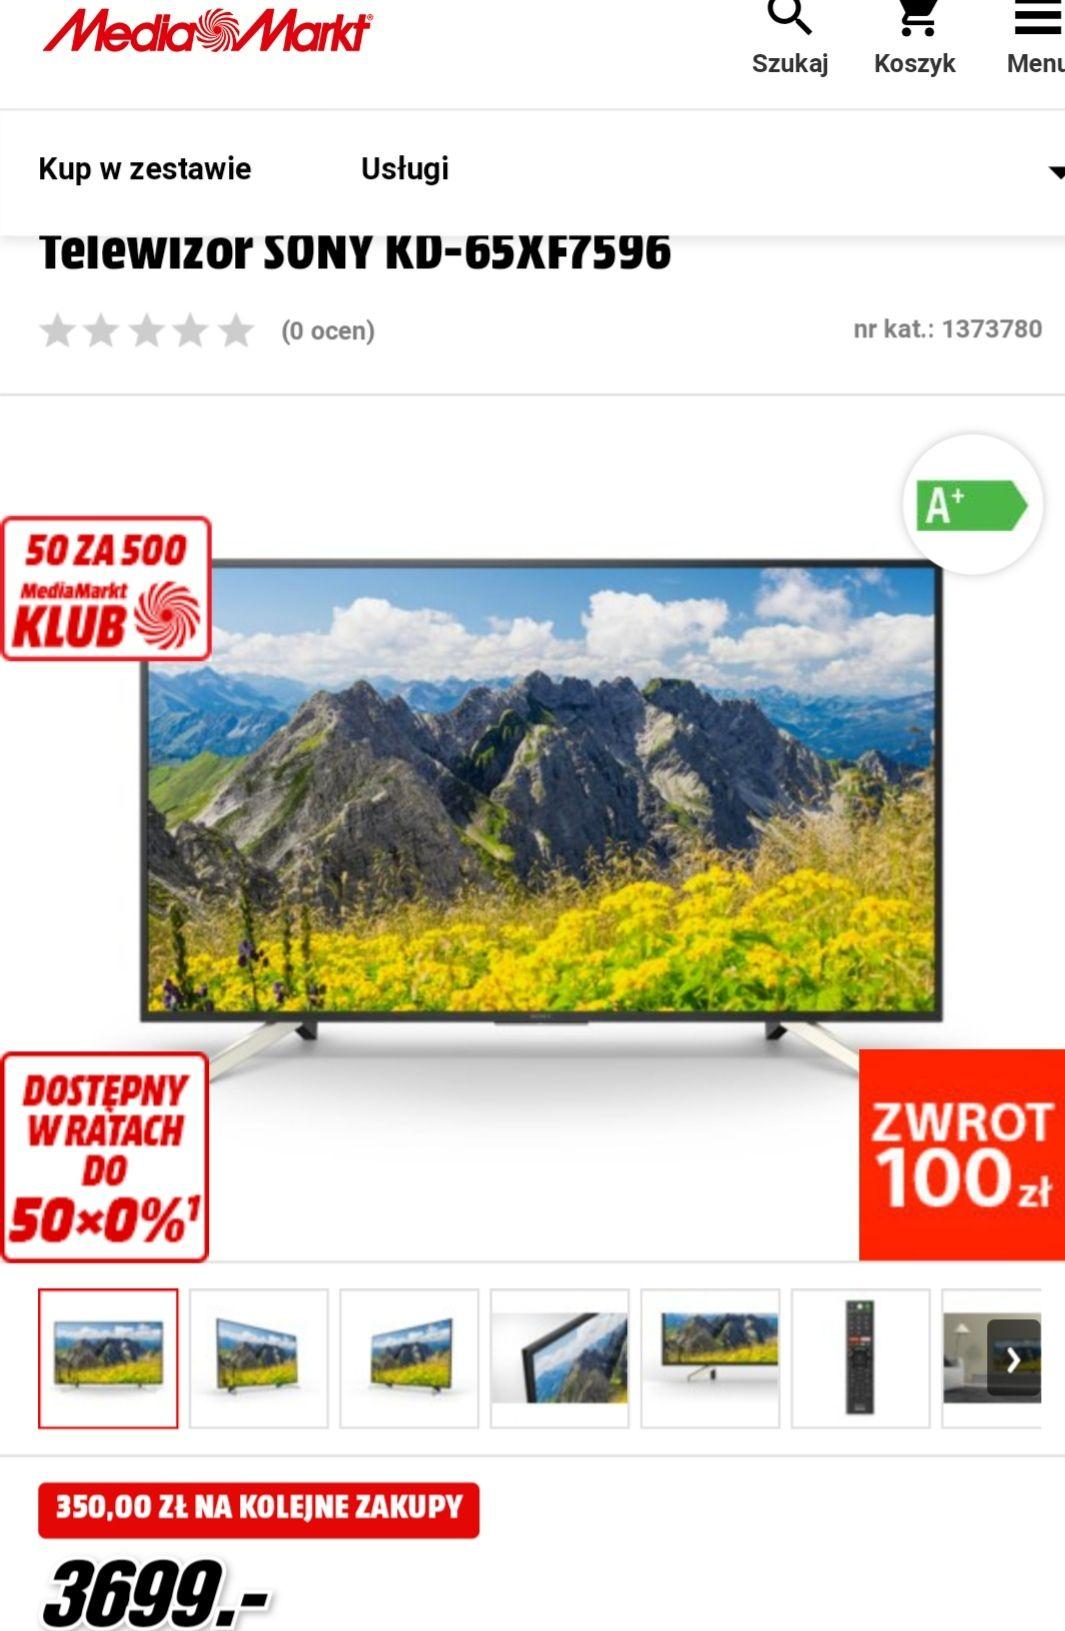 Telewizor SONY KD-65XF7596  w MediaMarkt